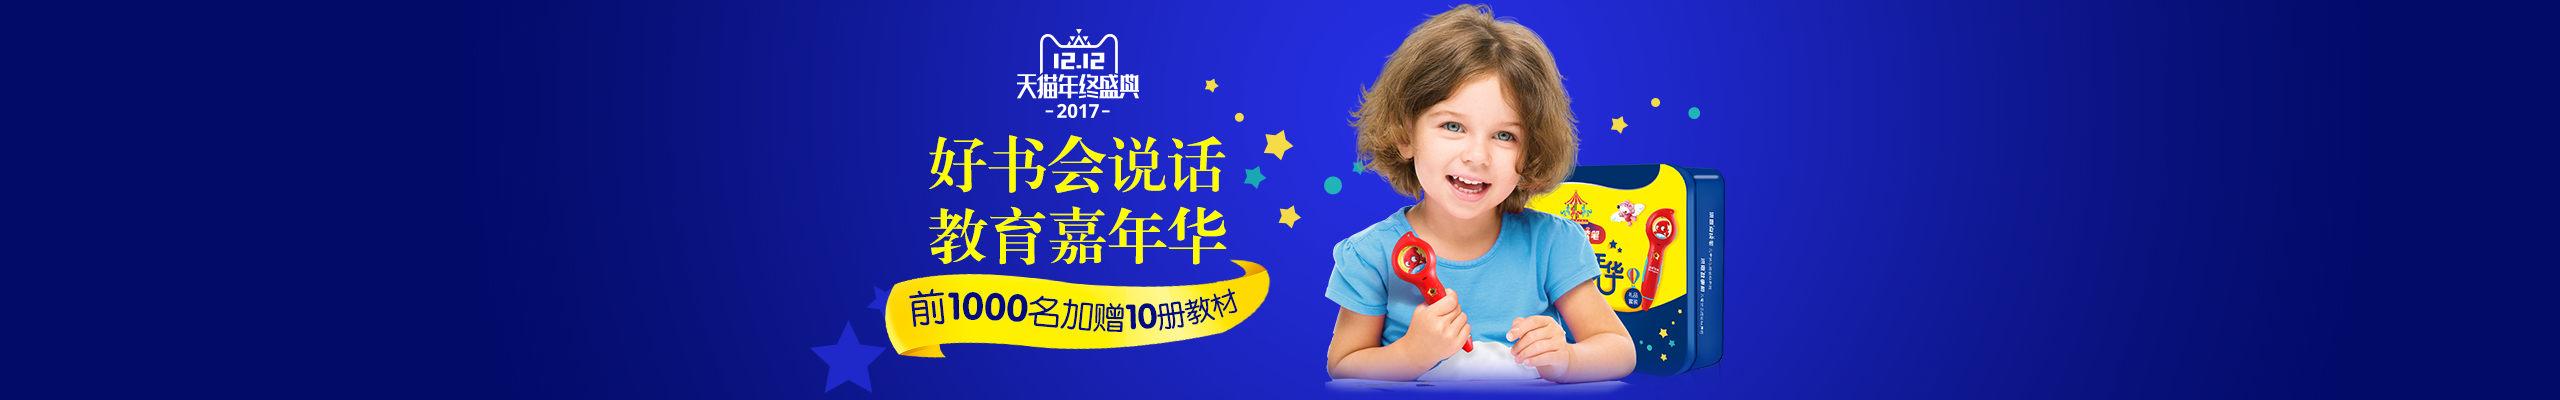 嘉年华官网